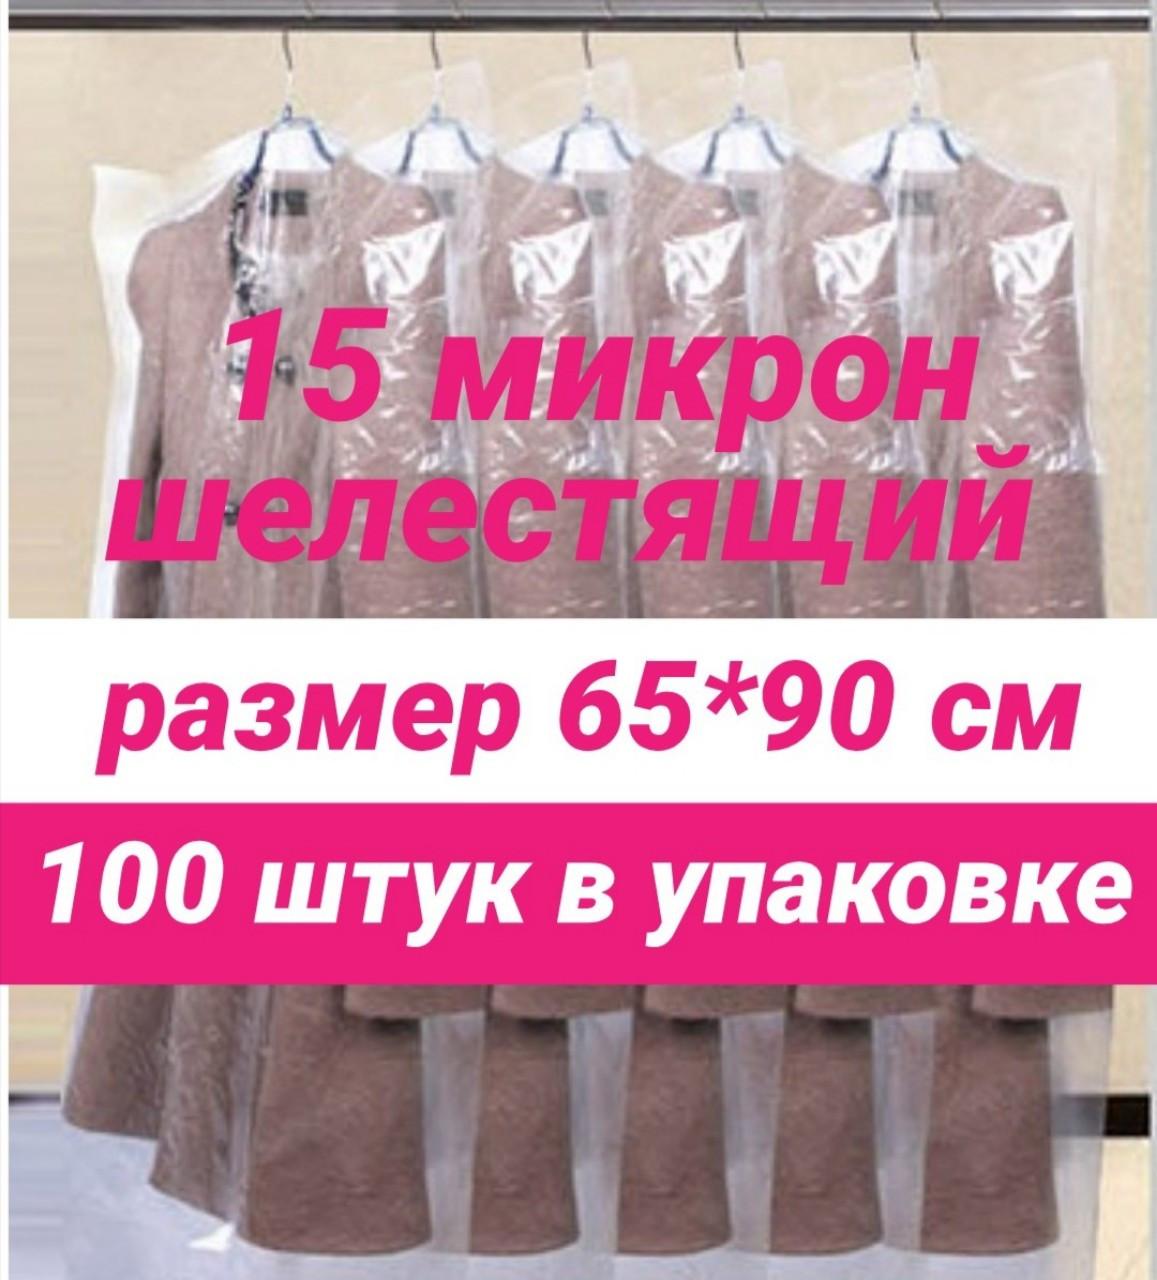 Размер 65*90 см, 100 штук в упаковке.Чехлы для одежды полиэтиленовые шелестящие, толщина 15 микрон.